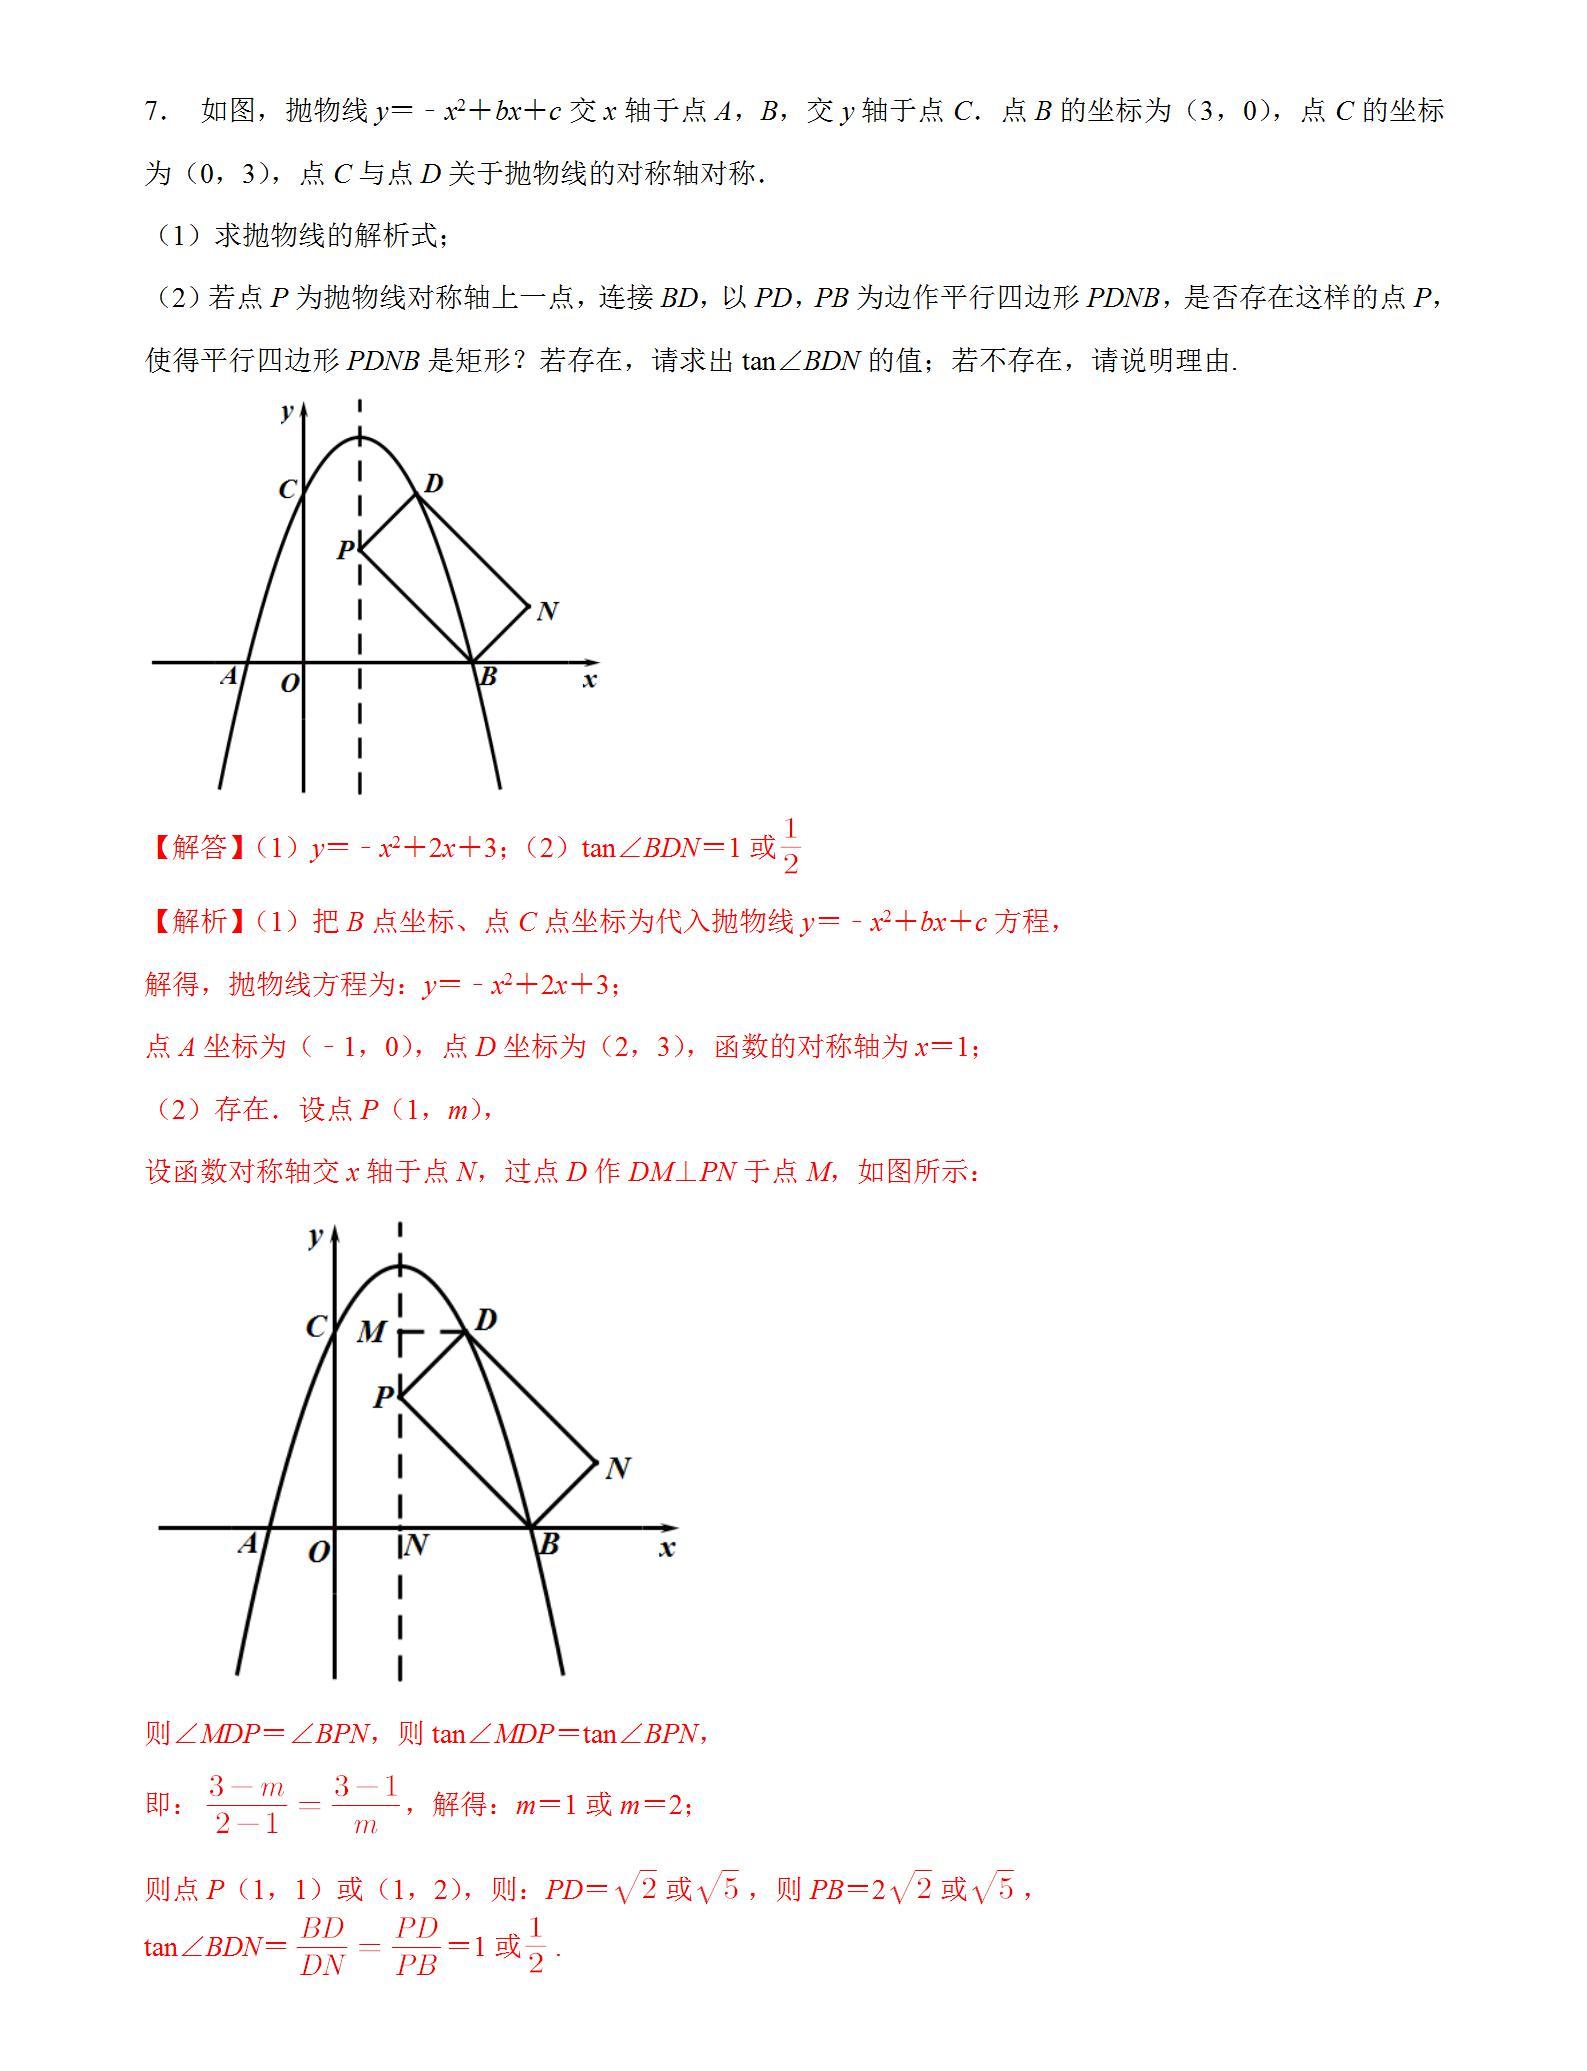 2020年初三数学矩形存在性问题巩固练习(基础)试题及答案(七)